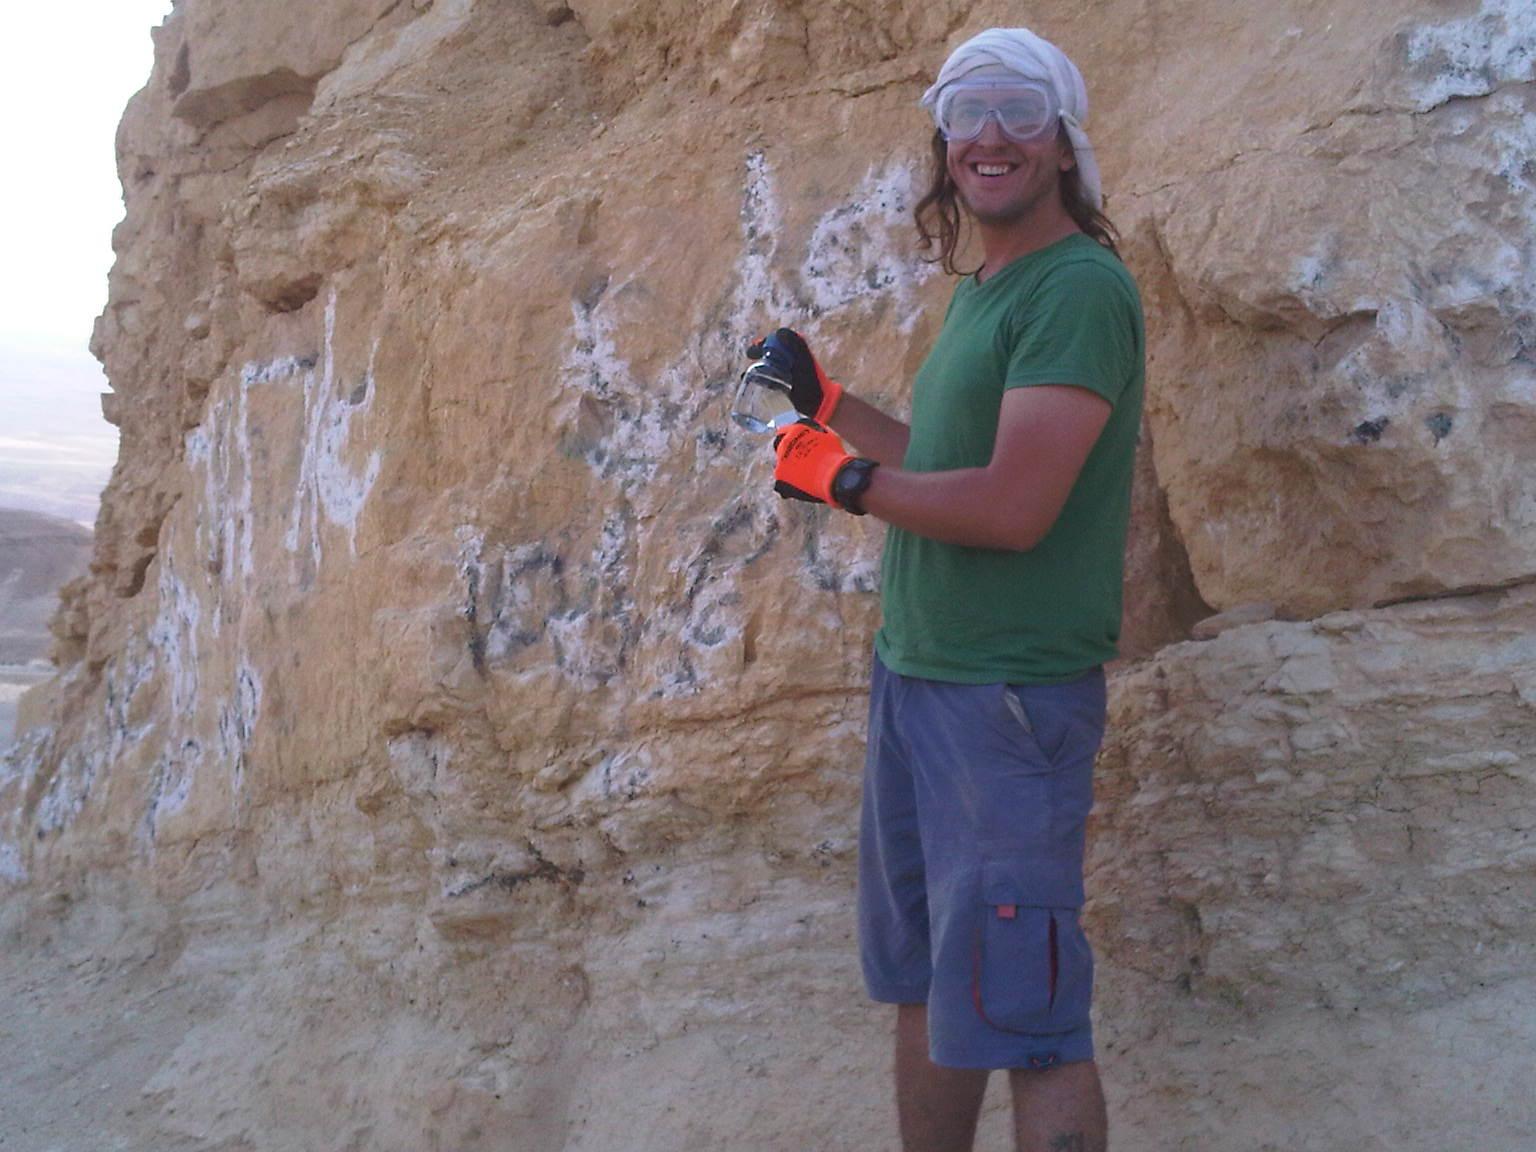 שימוש בחומרים מסוכנים סימו לב לאורך הקיר האינסופי וכמות הגרפיטי שעליו - מחיקת גרפיטי במדבר